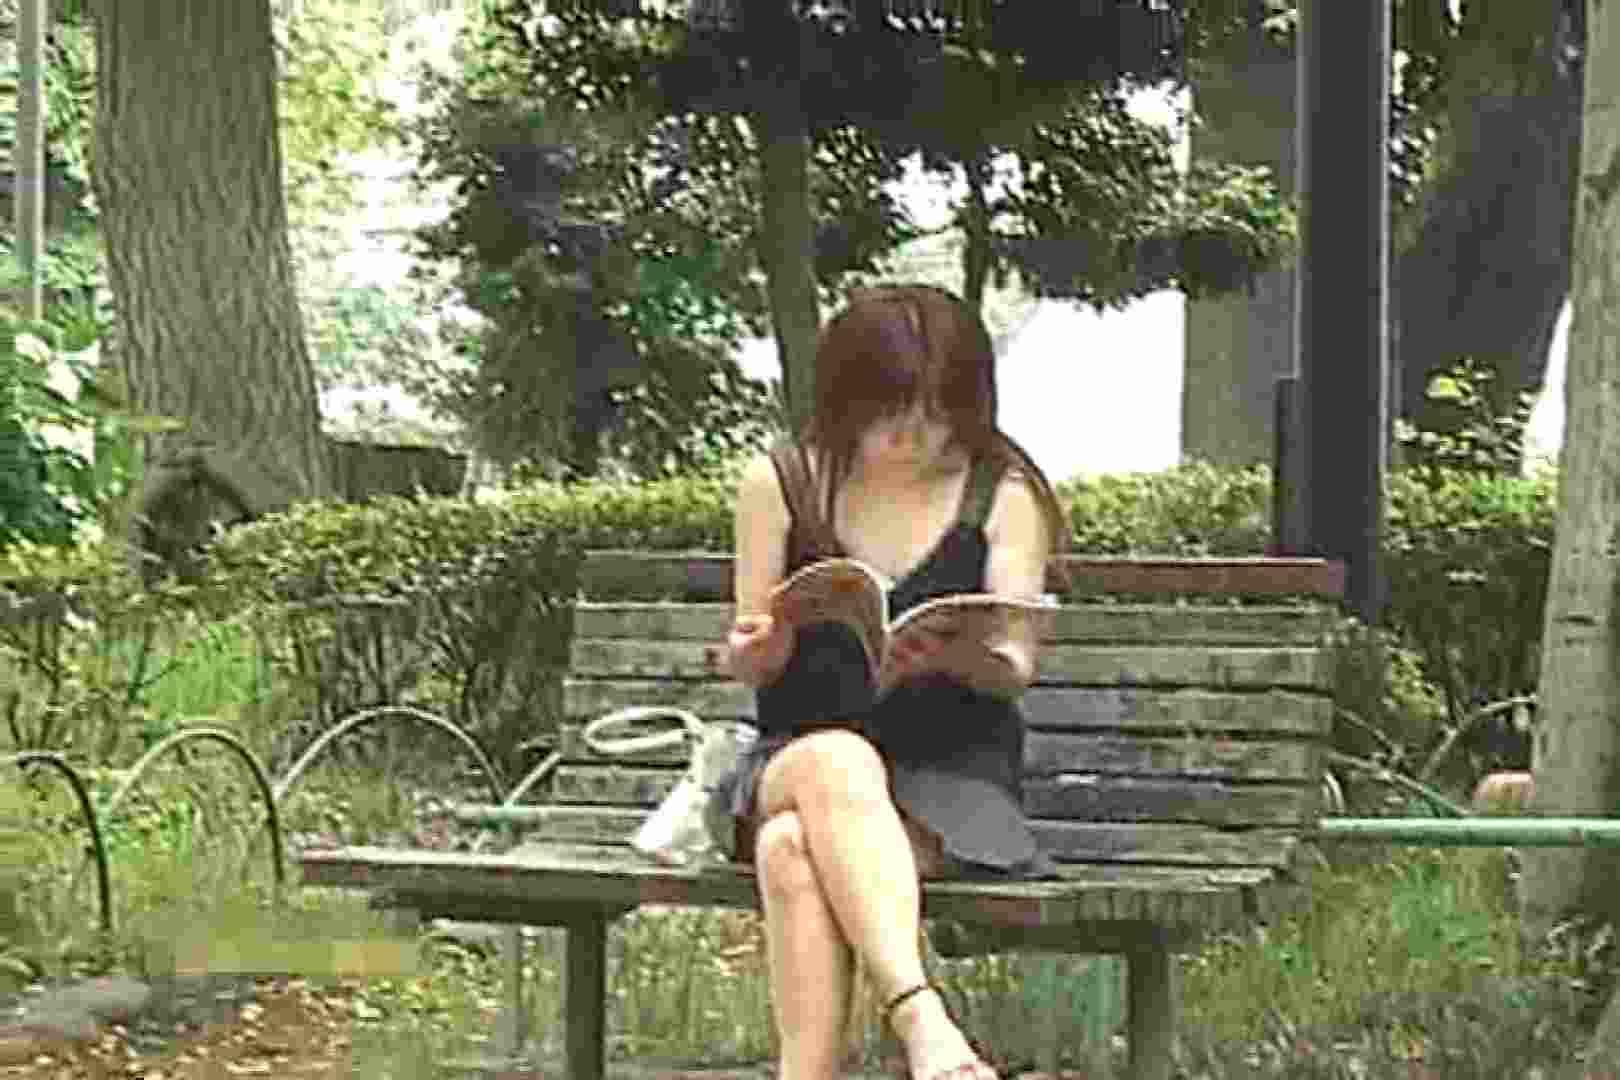 徘徊撮り!!街で出会った乳首たちVol.2 美女OL ヌード画像 57連発 52